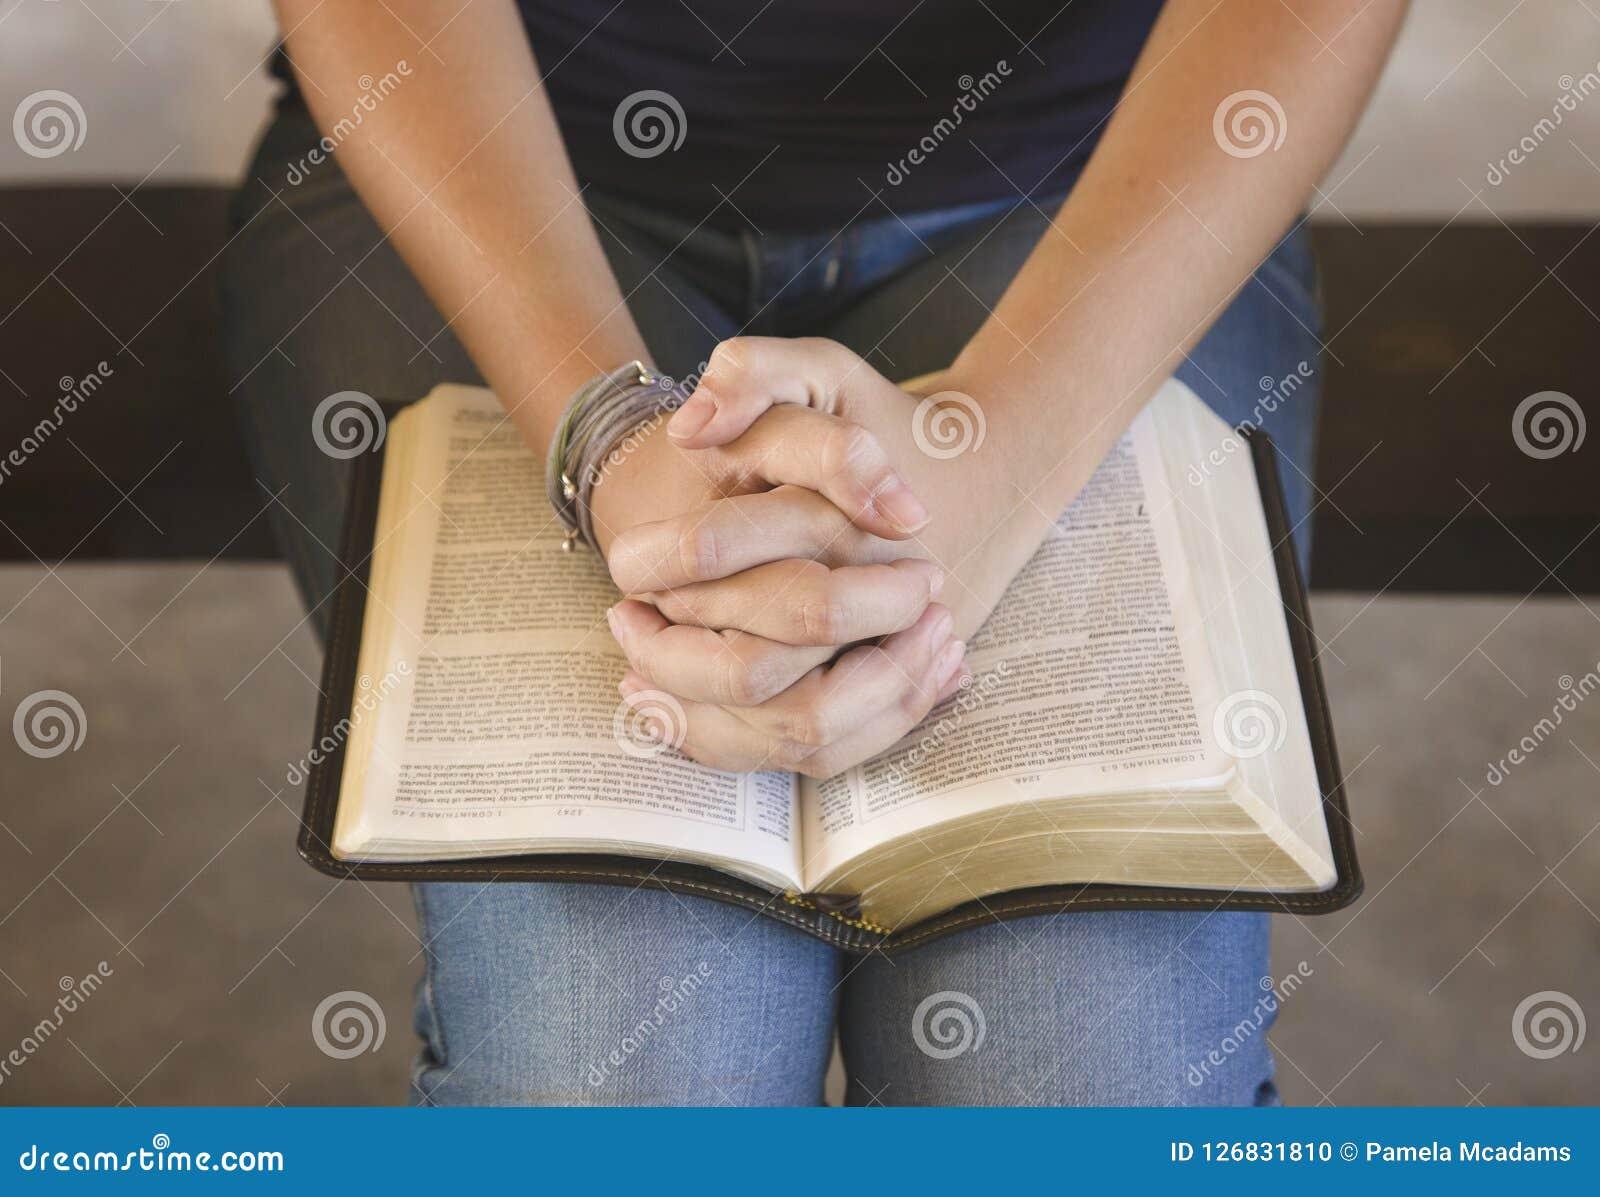 Fucking porn teen girls bible study beauty lesbian